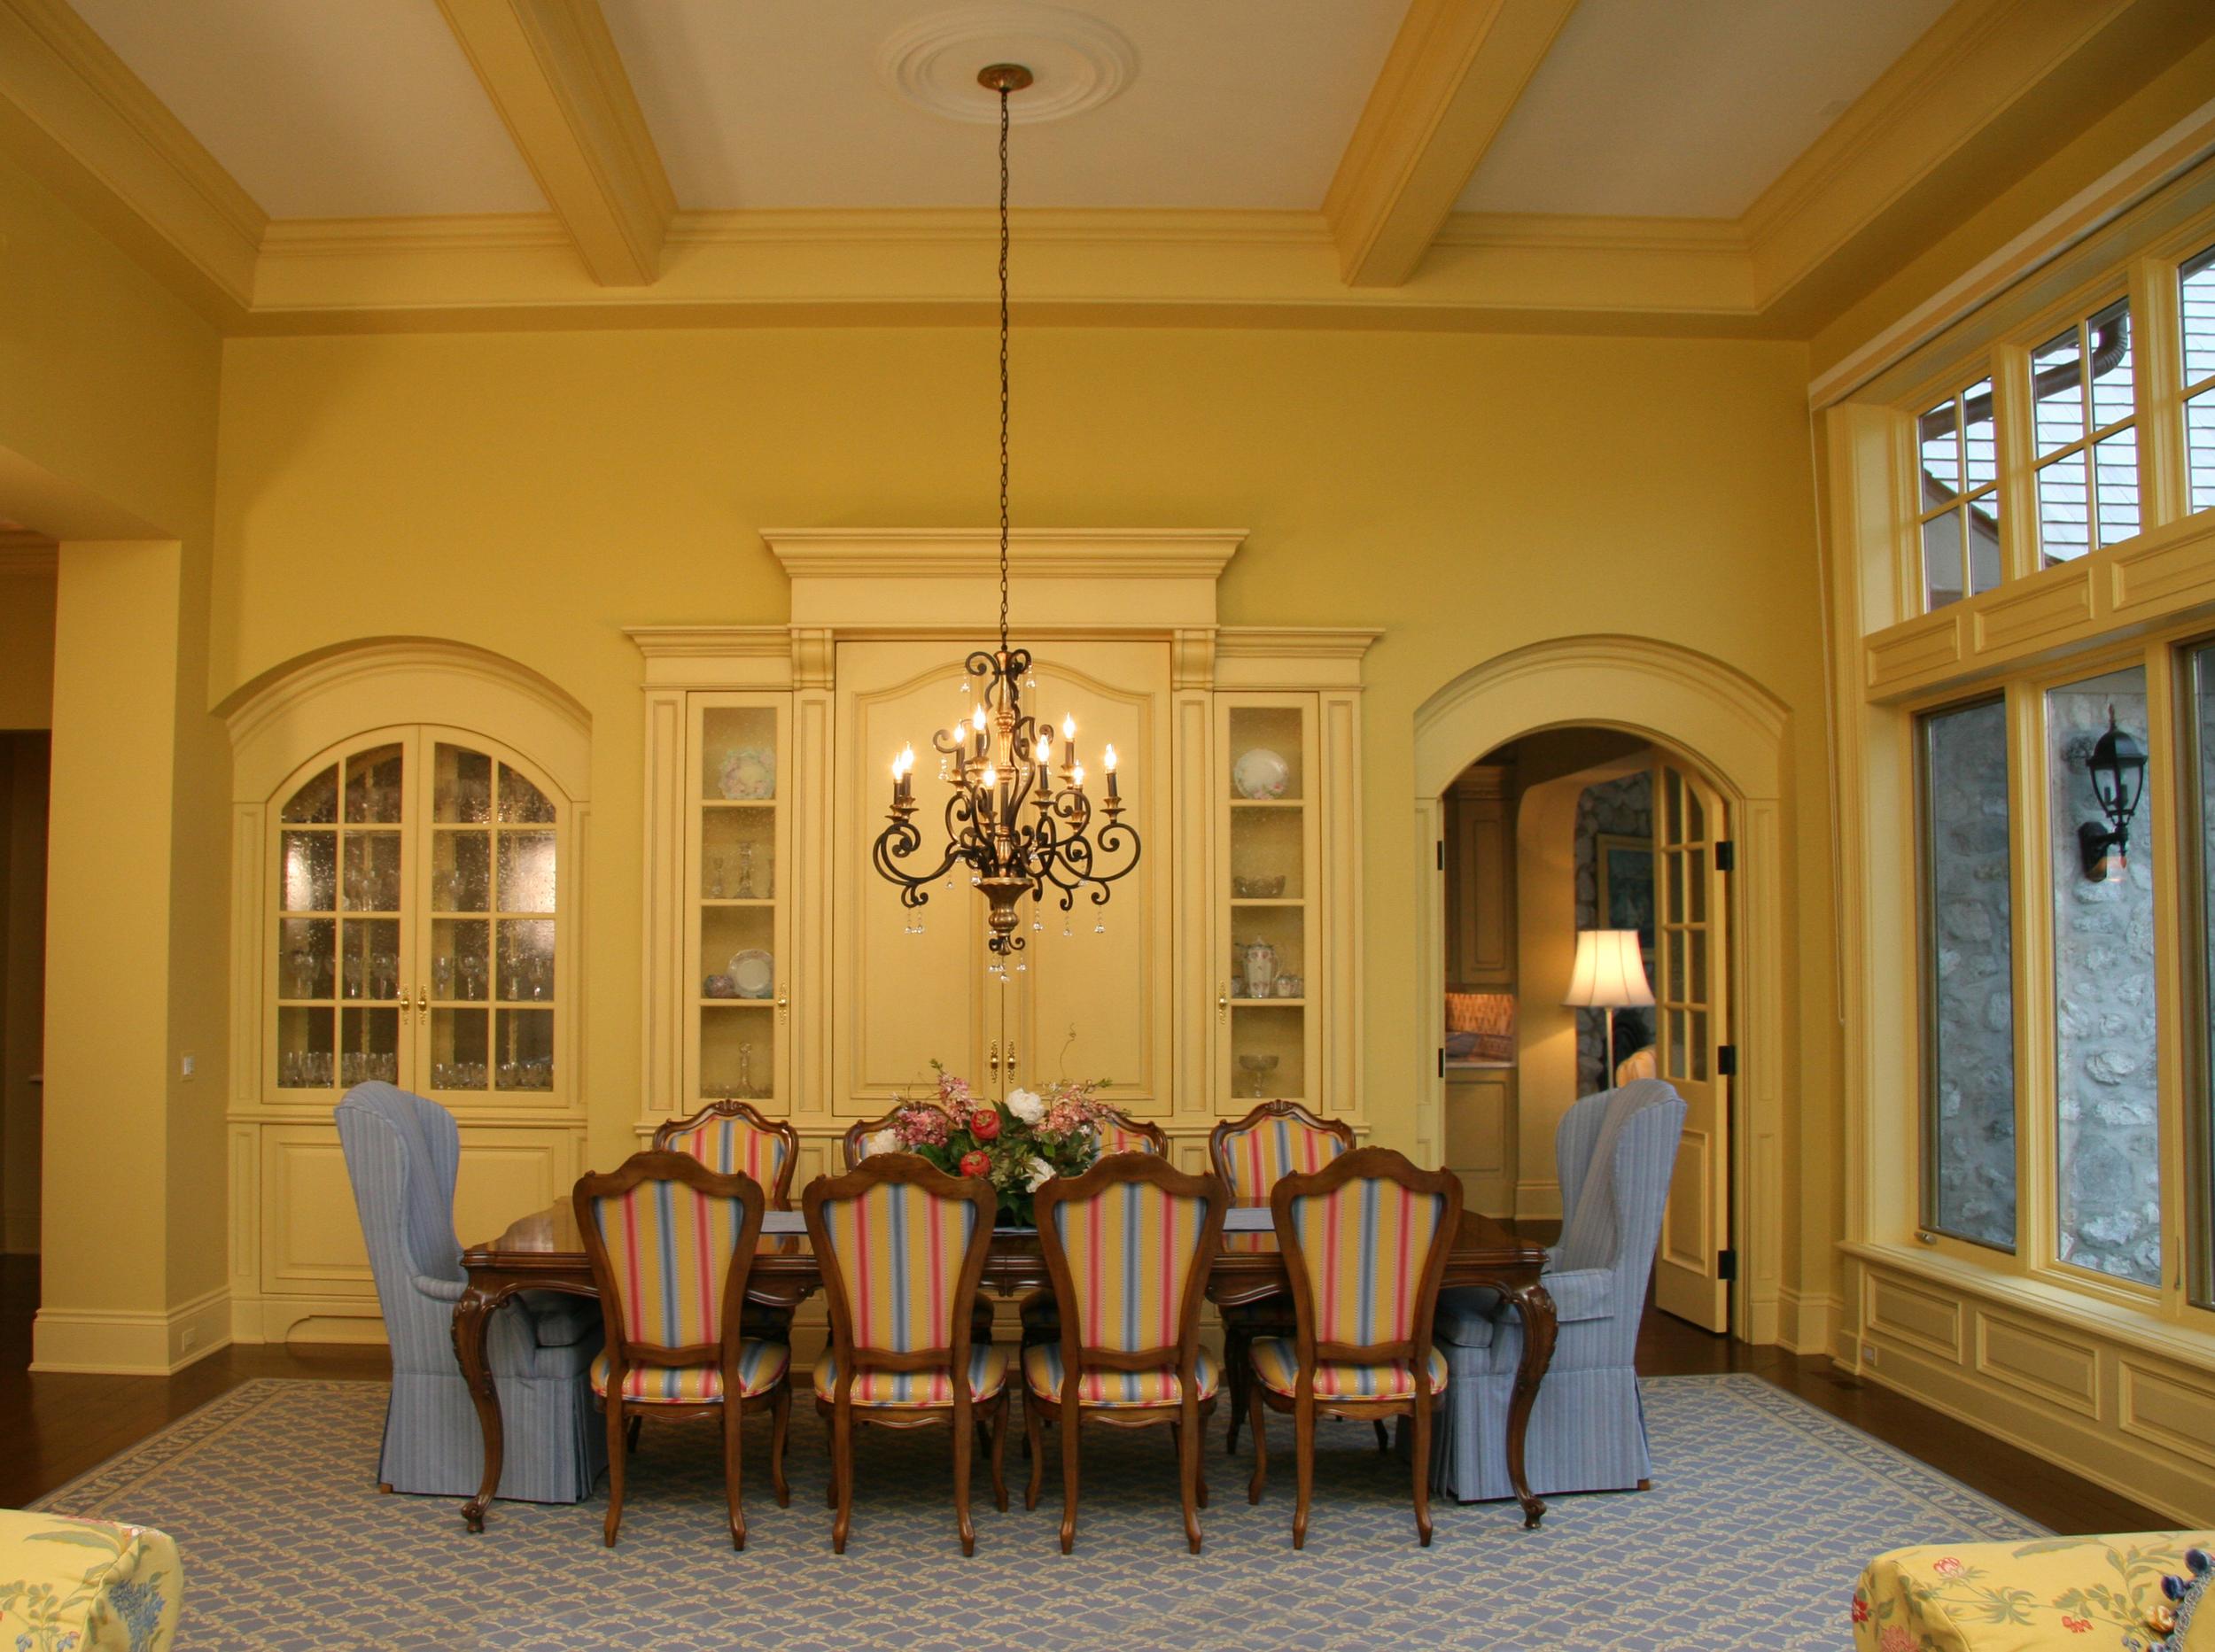 Dining Room - 0179.jpg